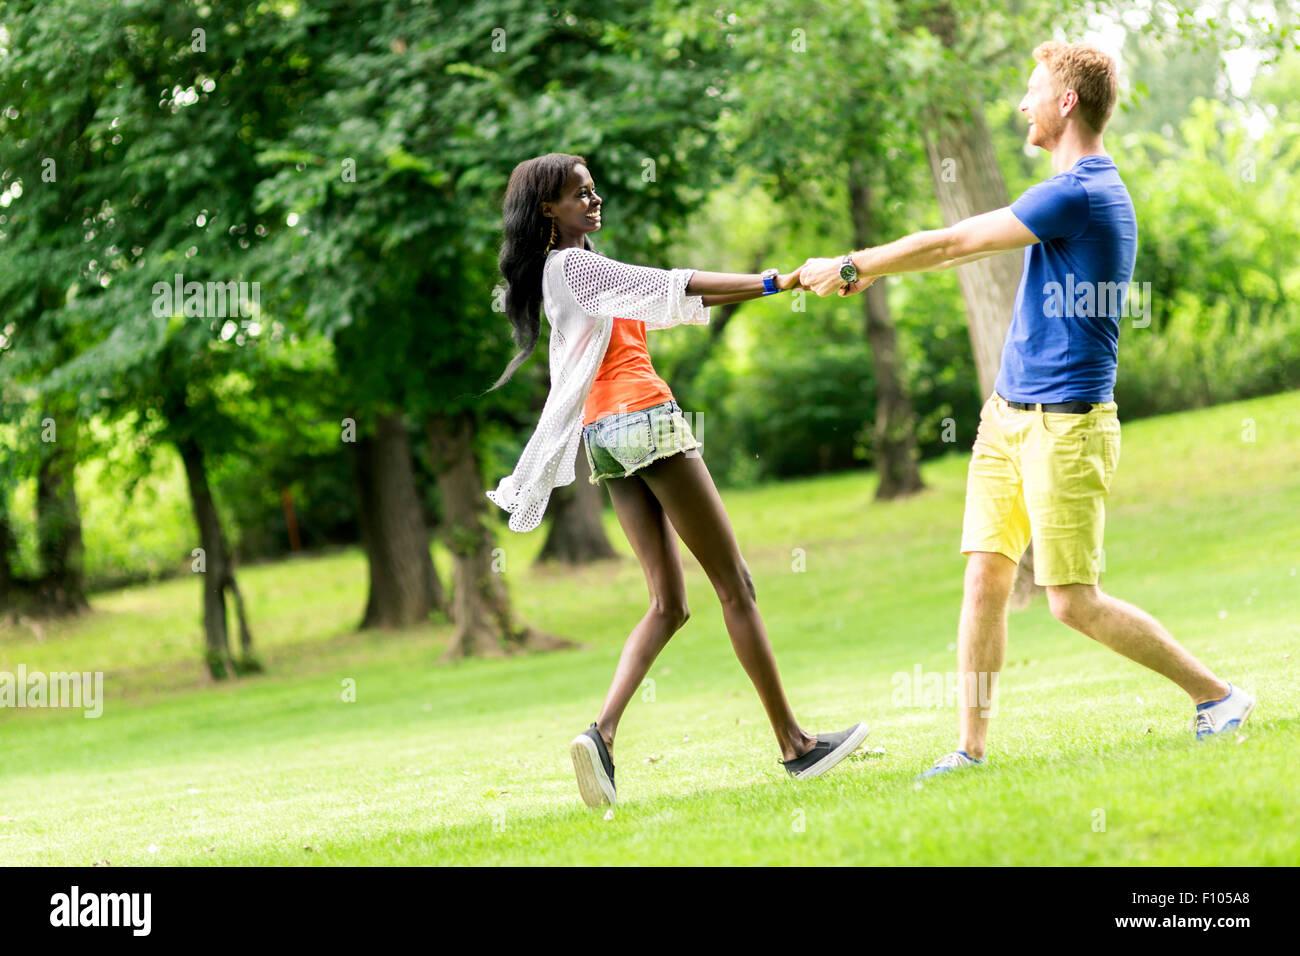 Hermosa pareja bailando al aire libre en un parque mostrando la alegría y el amor Imagen De Stock